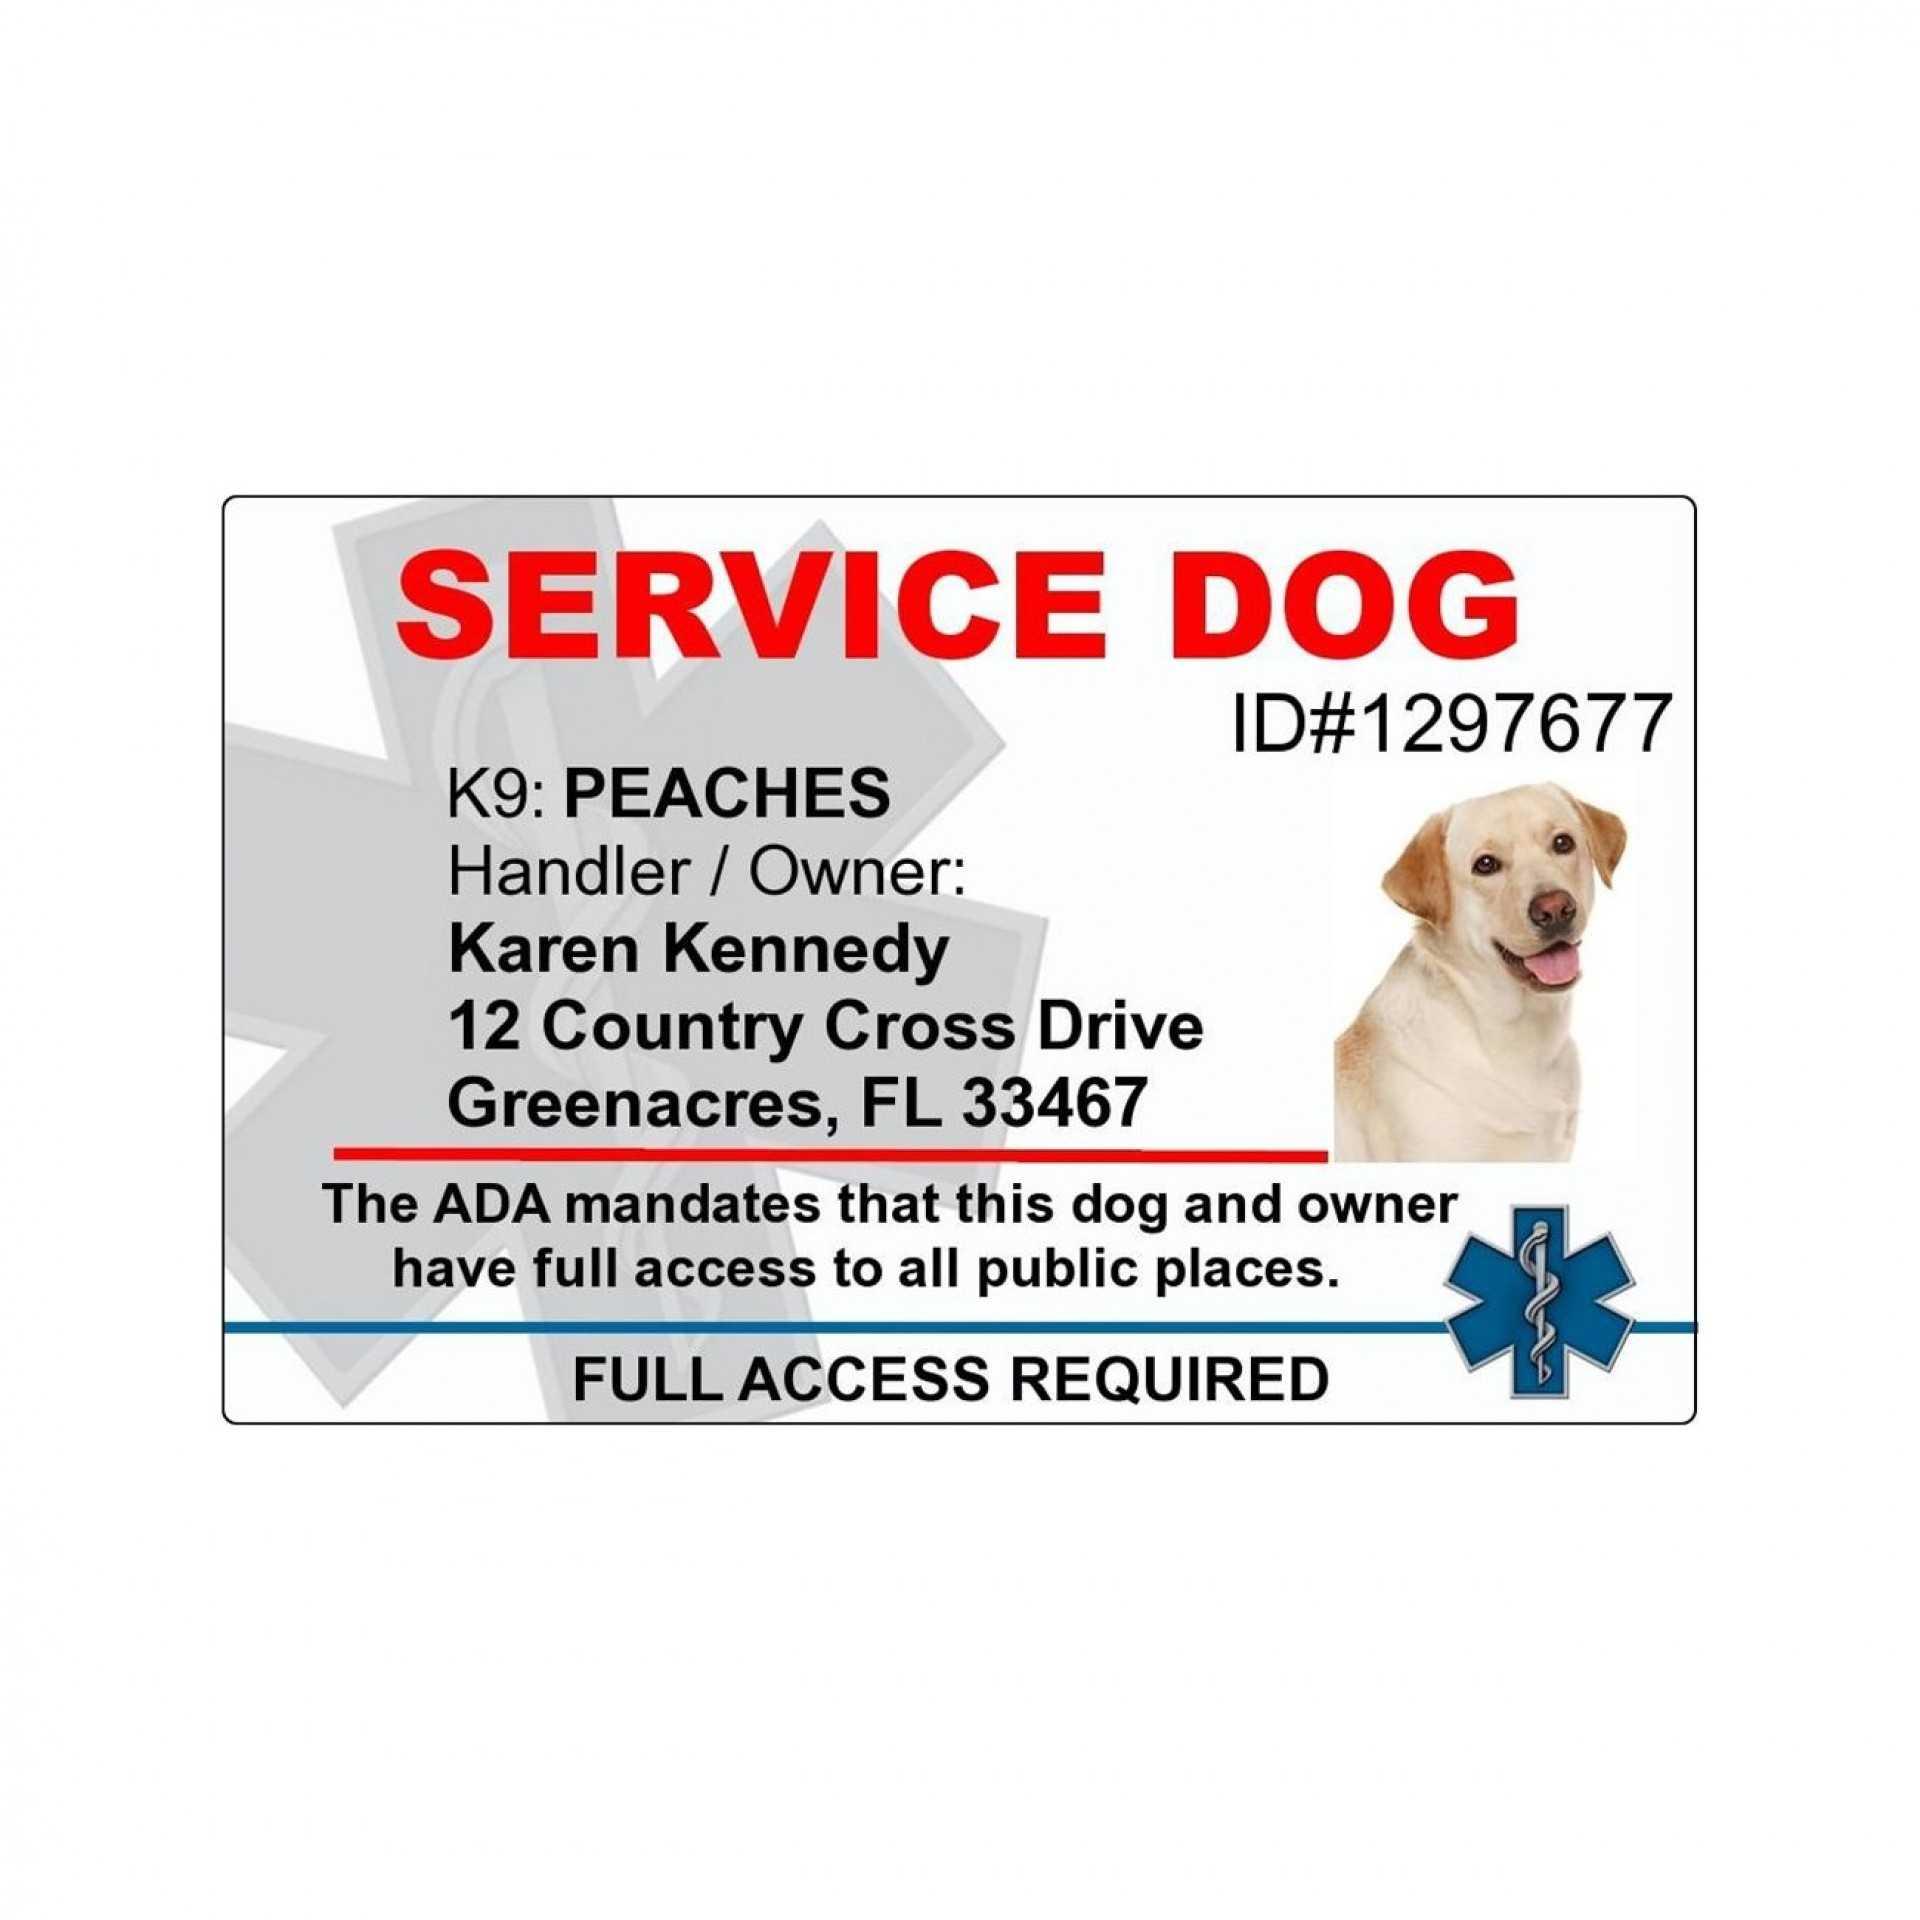 018 Template Ideas Service Dog Certificate Singular Id Free Within Service Dog Certificate Template